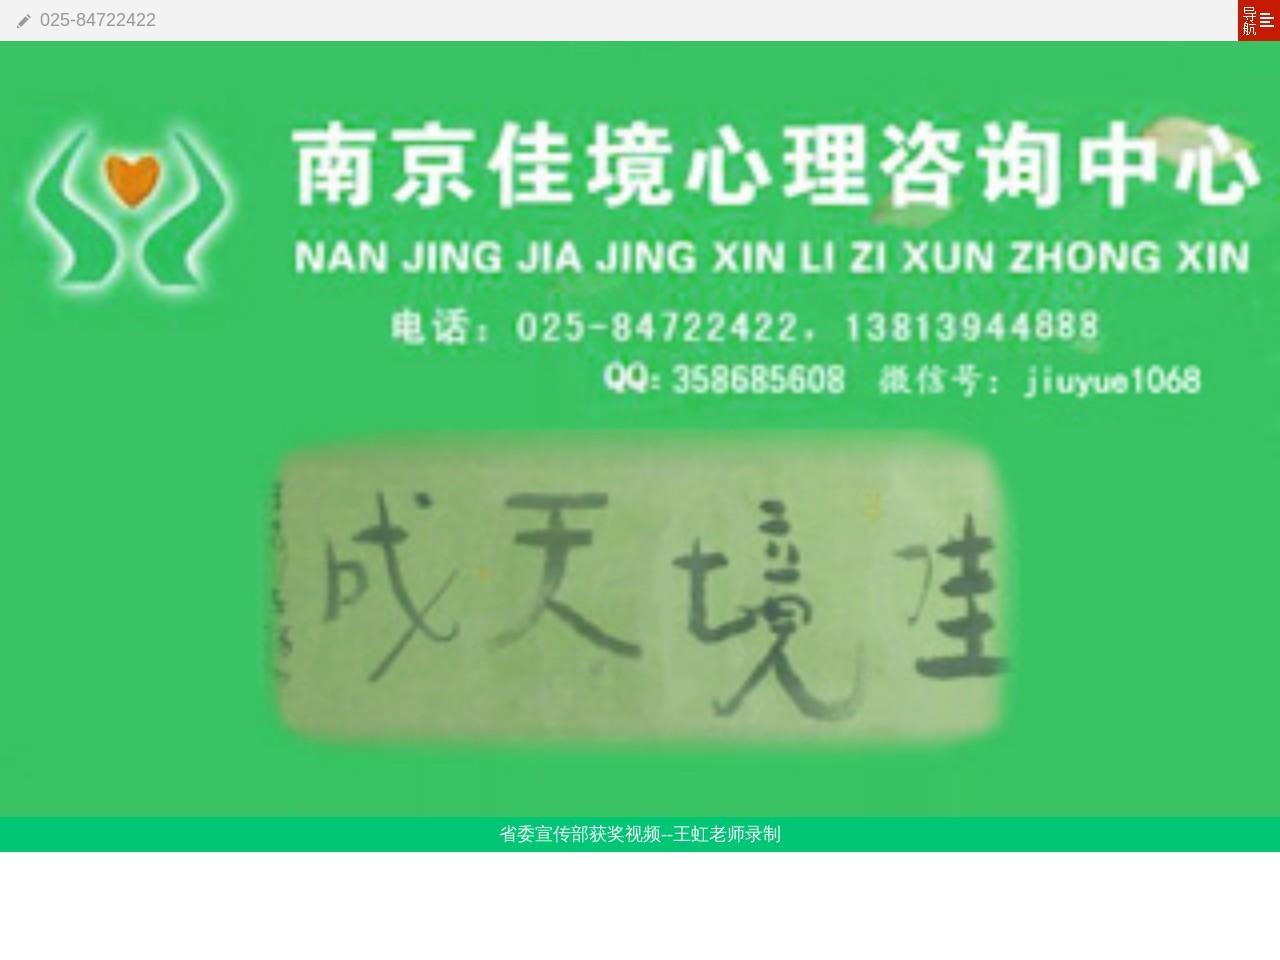 南京心理咨询网--南京佳境心理咨询中心